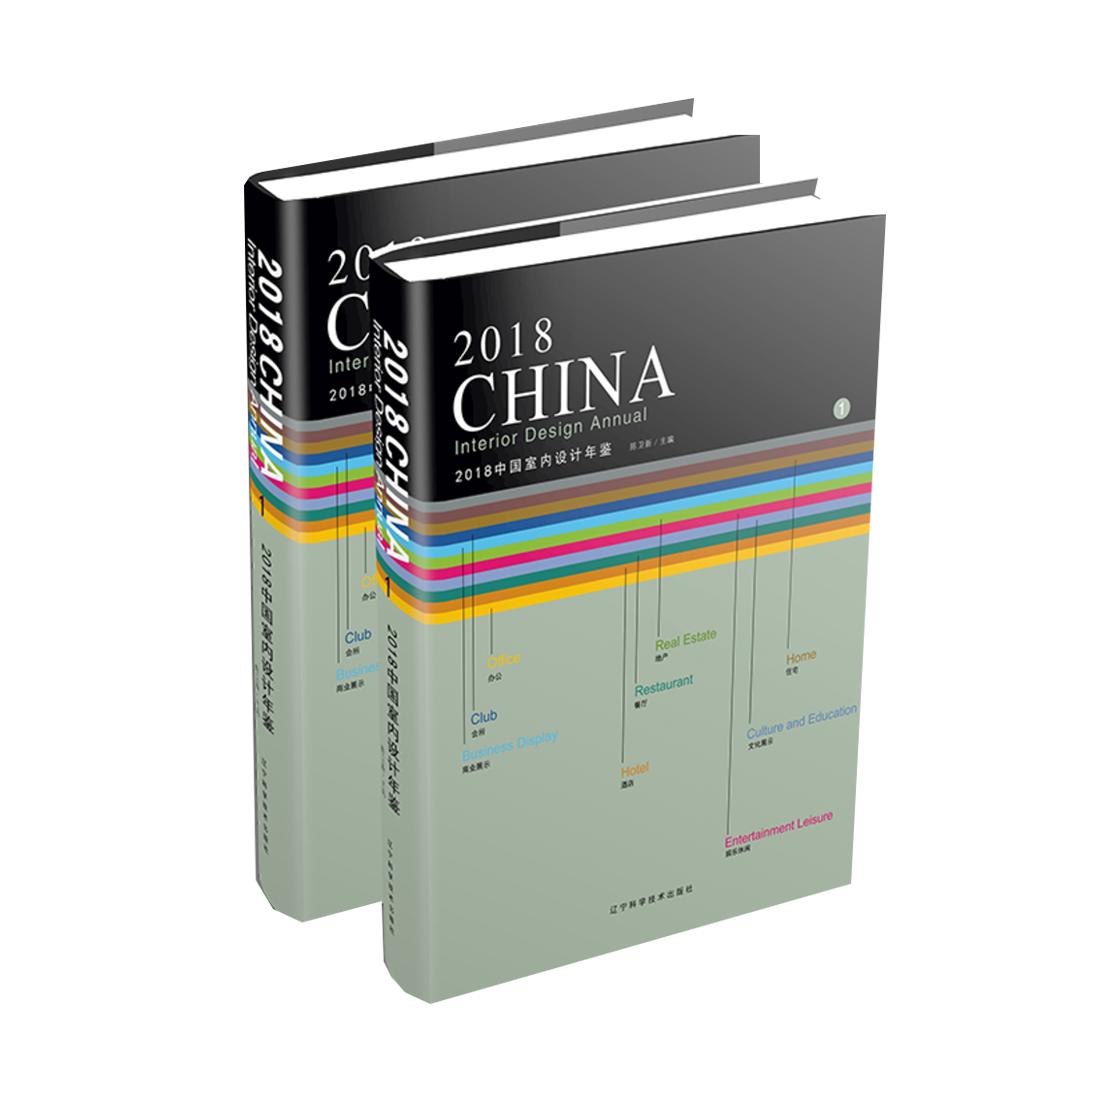 《2018中国室内设计年鉴》